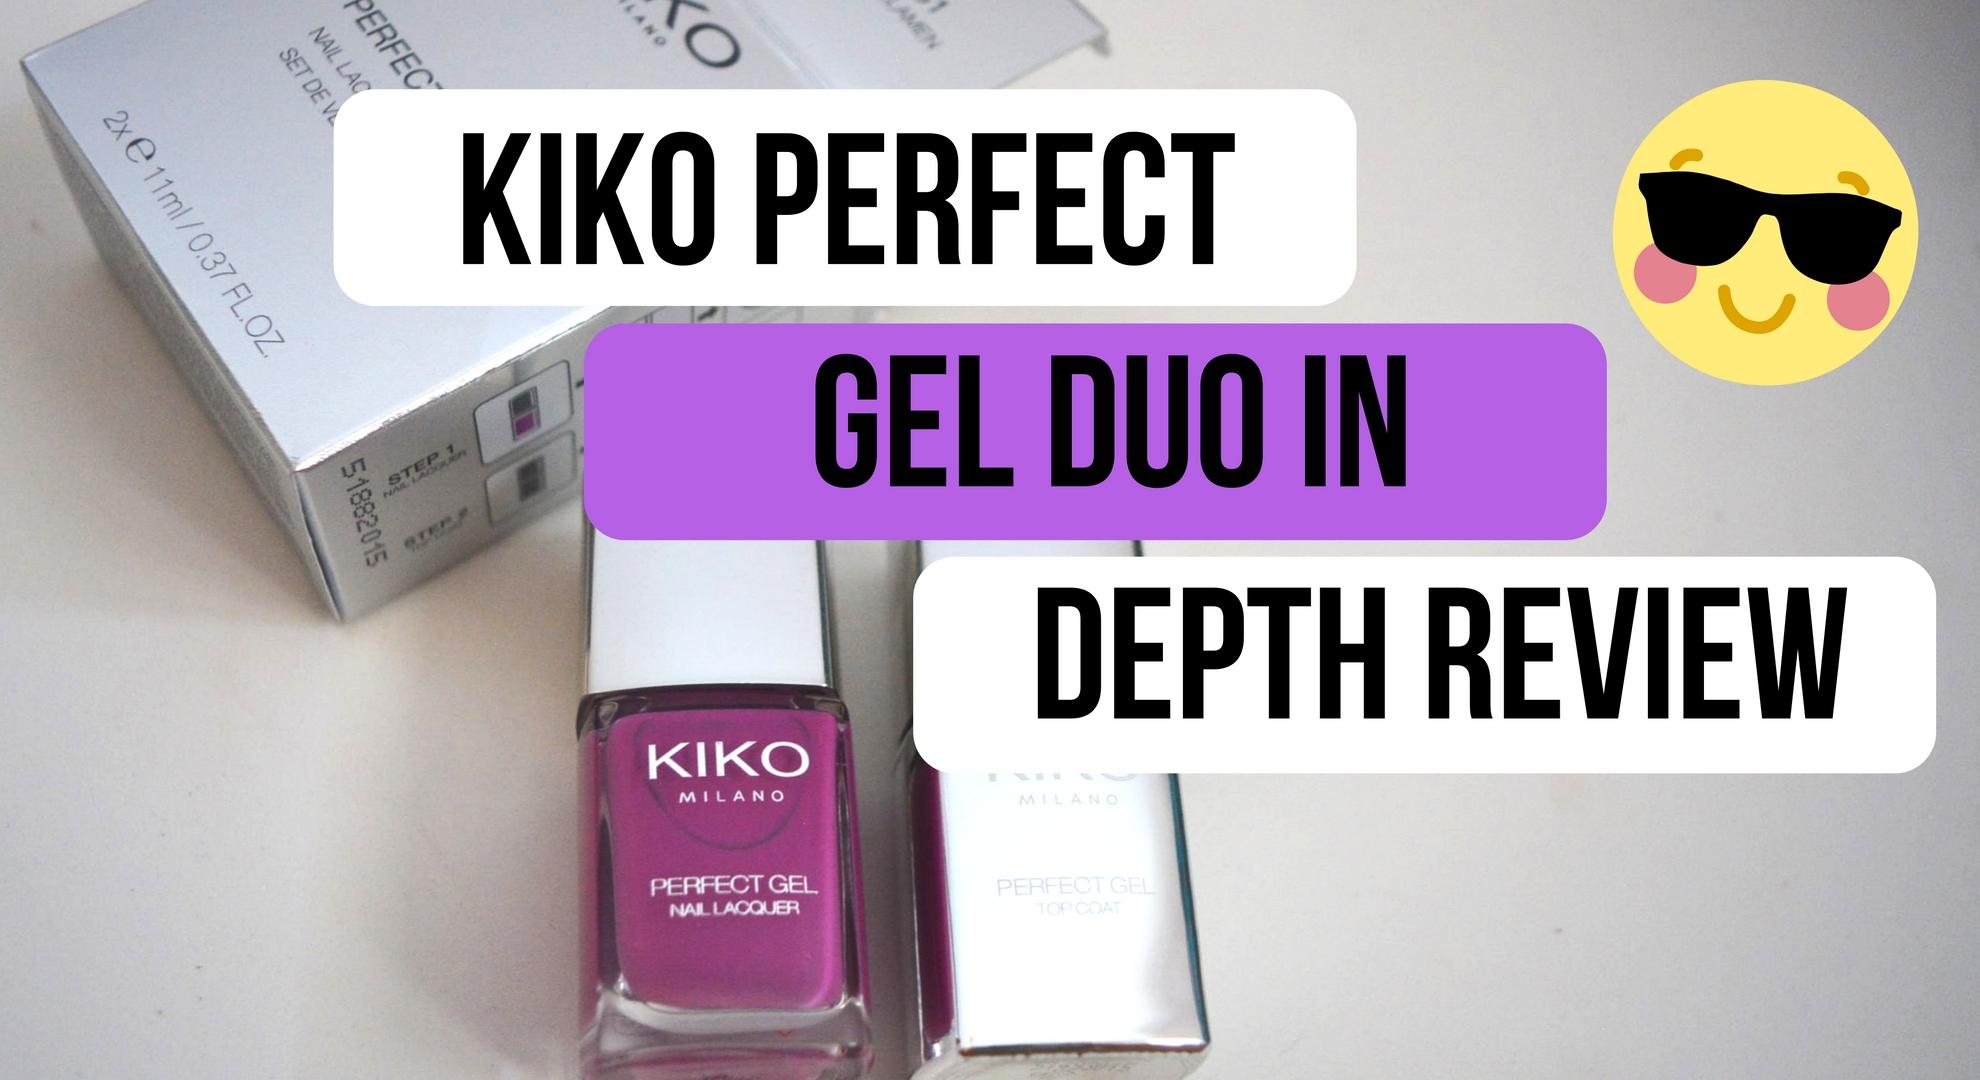 Perfect Gel Duo In Depth Review